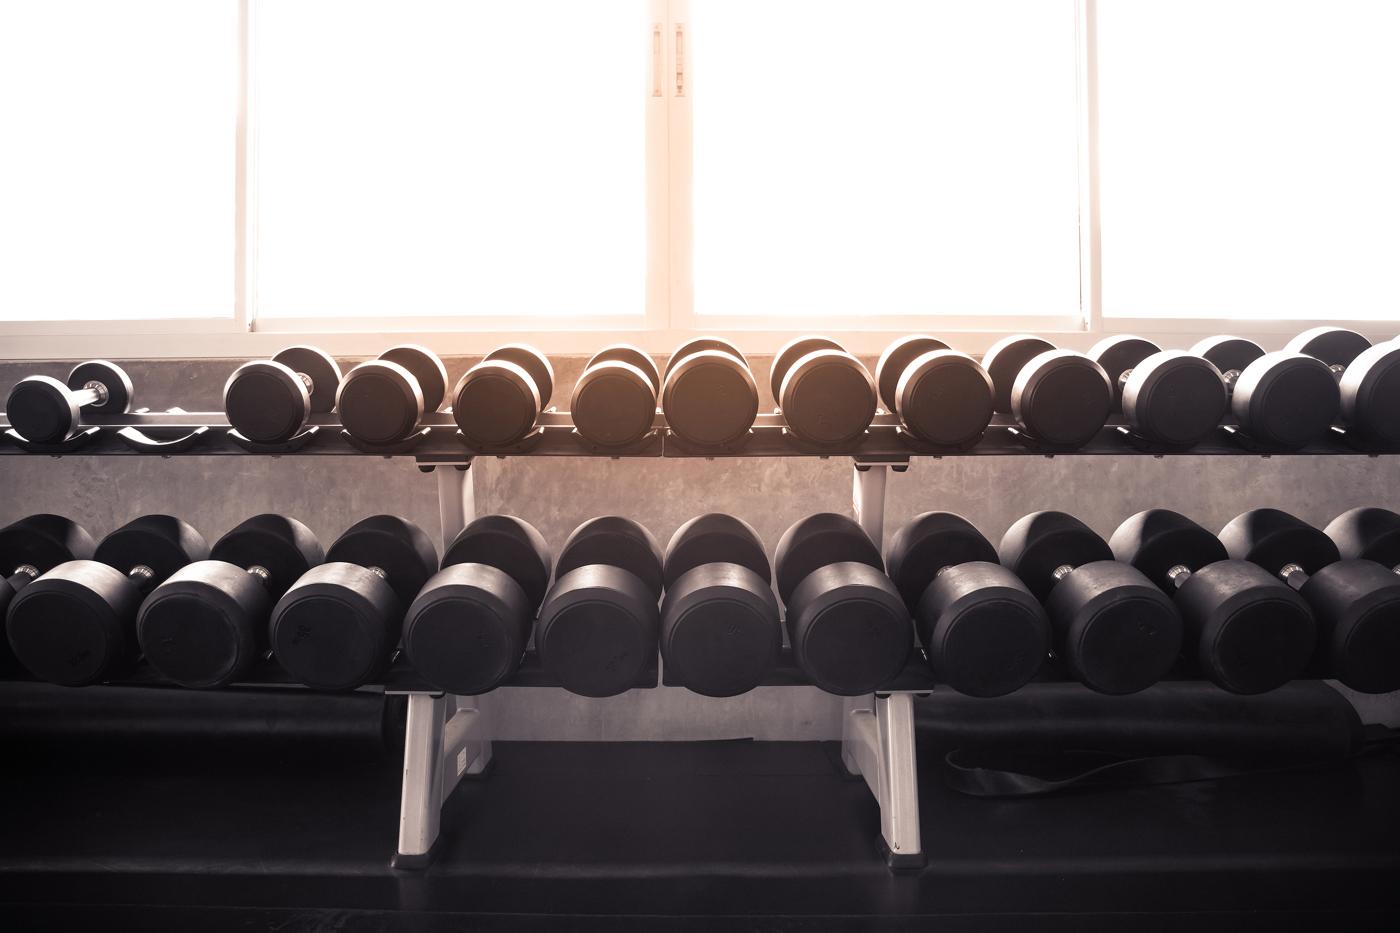 Fitness and Gym stocks news and analysis